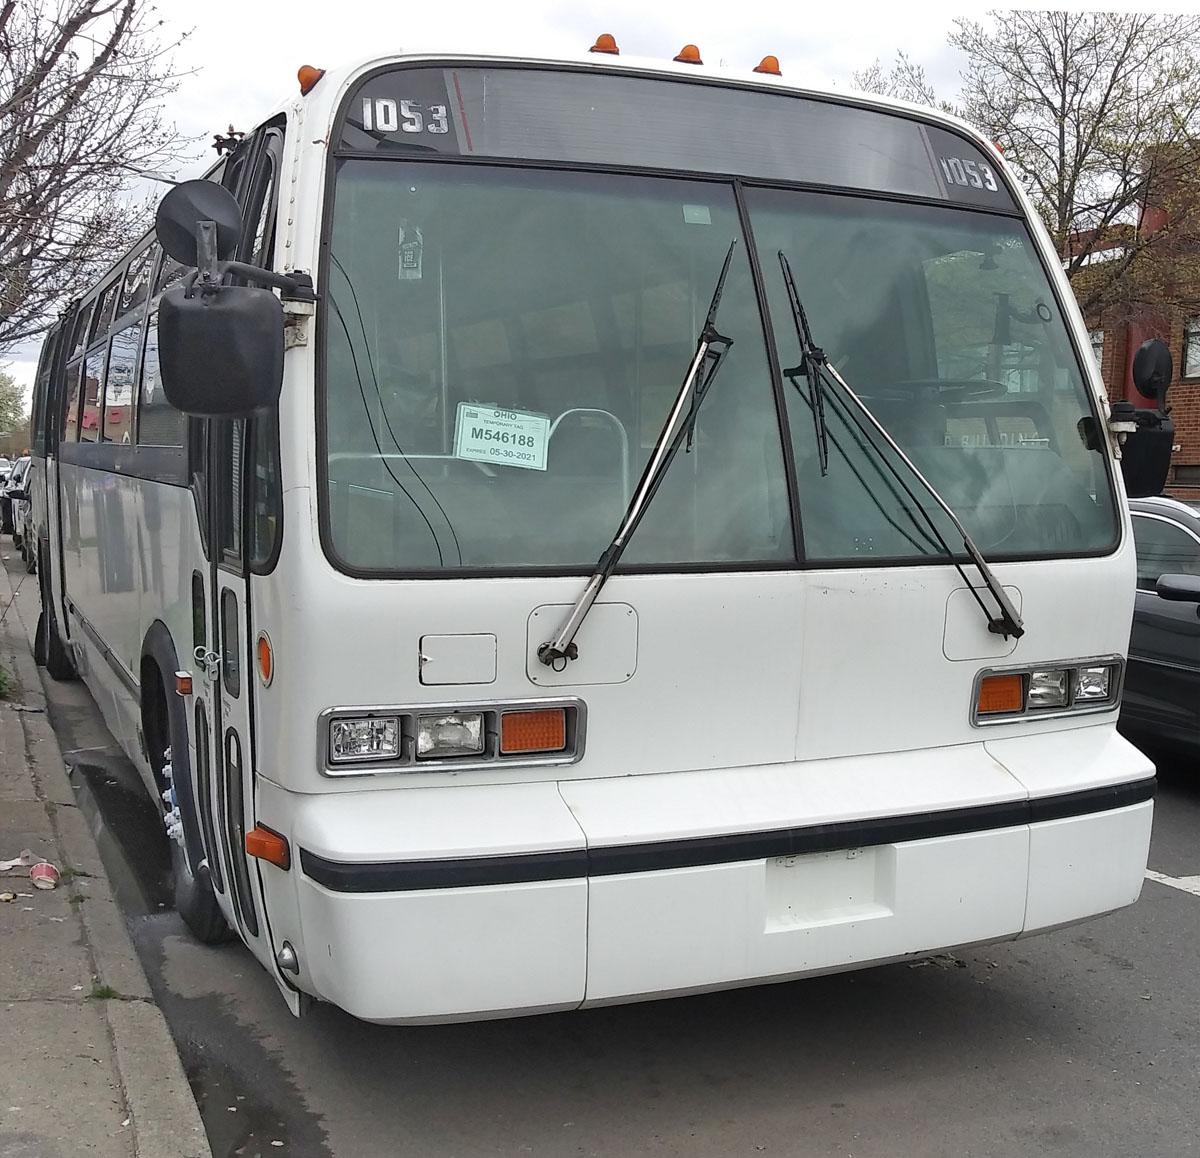 Нью-Йорк. Novabus RTS M546188